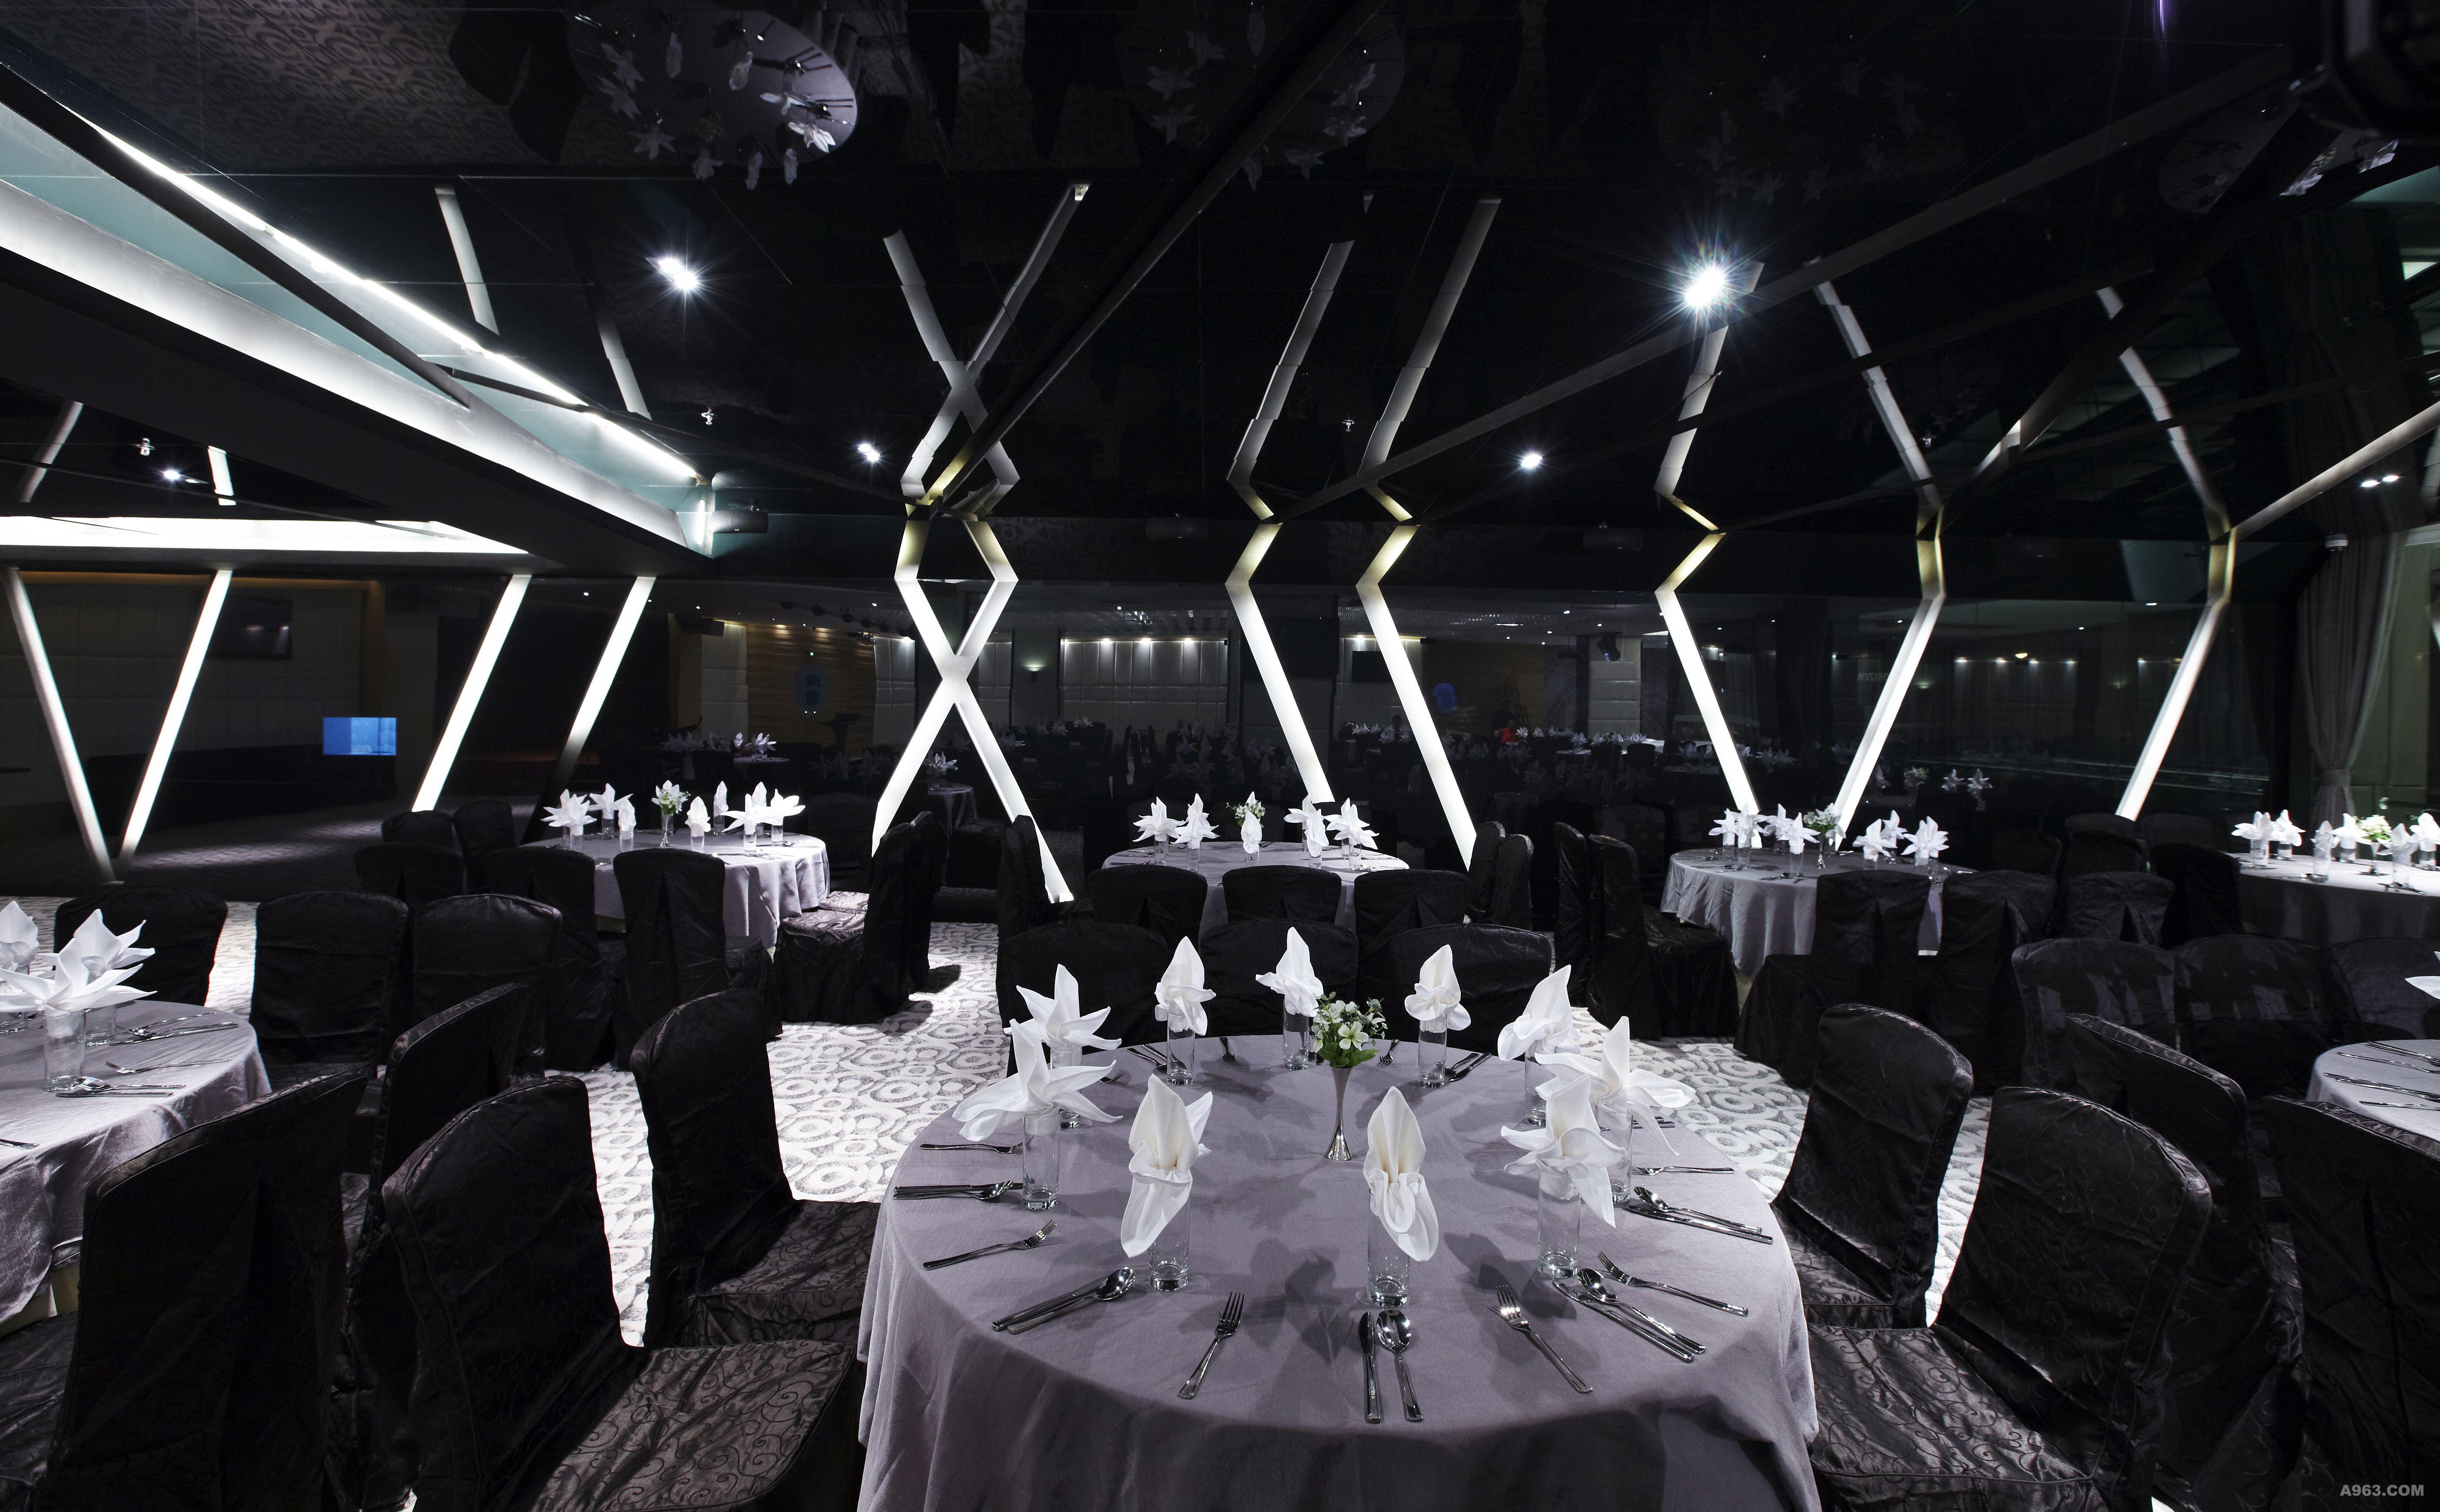 西餐厅以后现代的设计手法,呈现出极简的调性,中餐厅则巧妙结合当地的